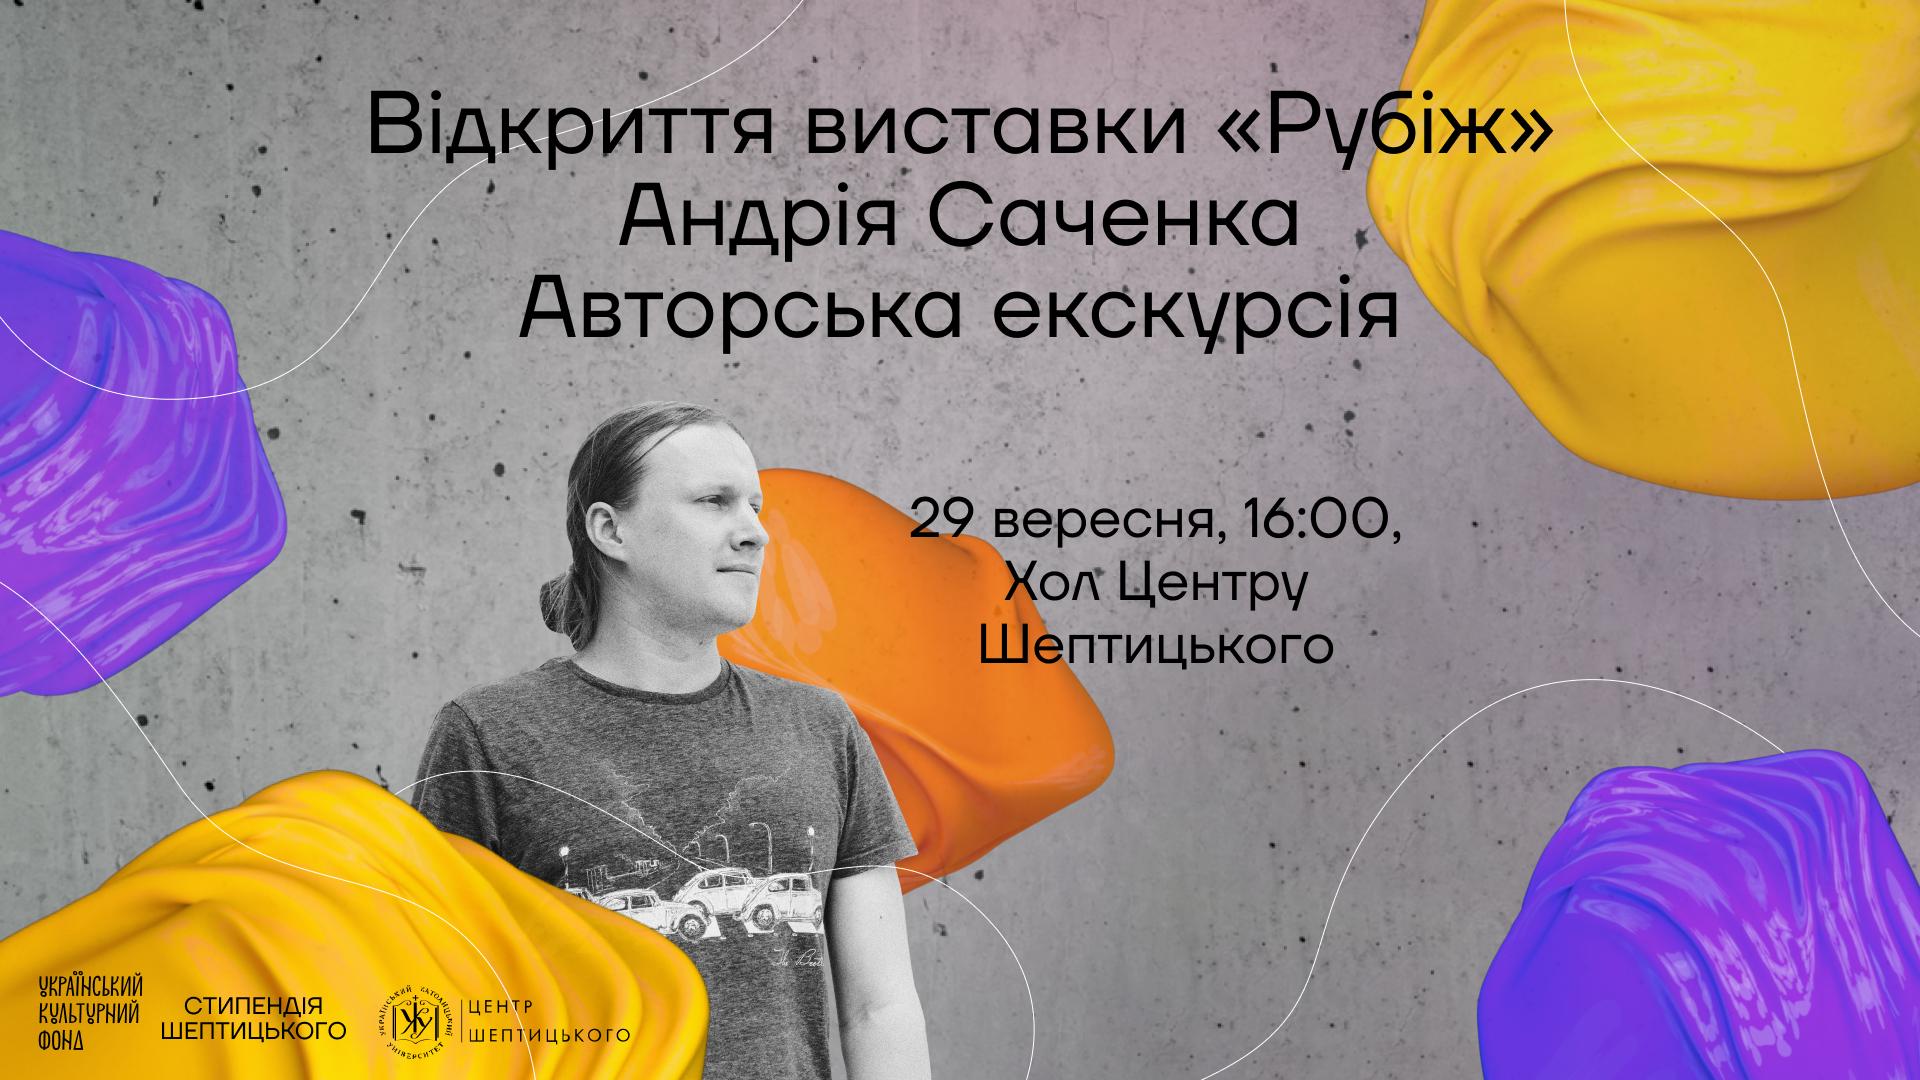 Відкриття виставки Андрія Саченка «Рубіж» | Стипендія Шептицького